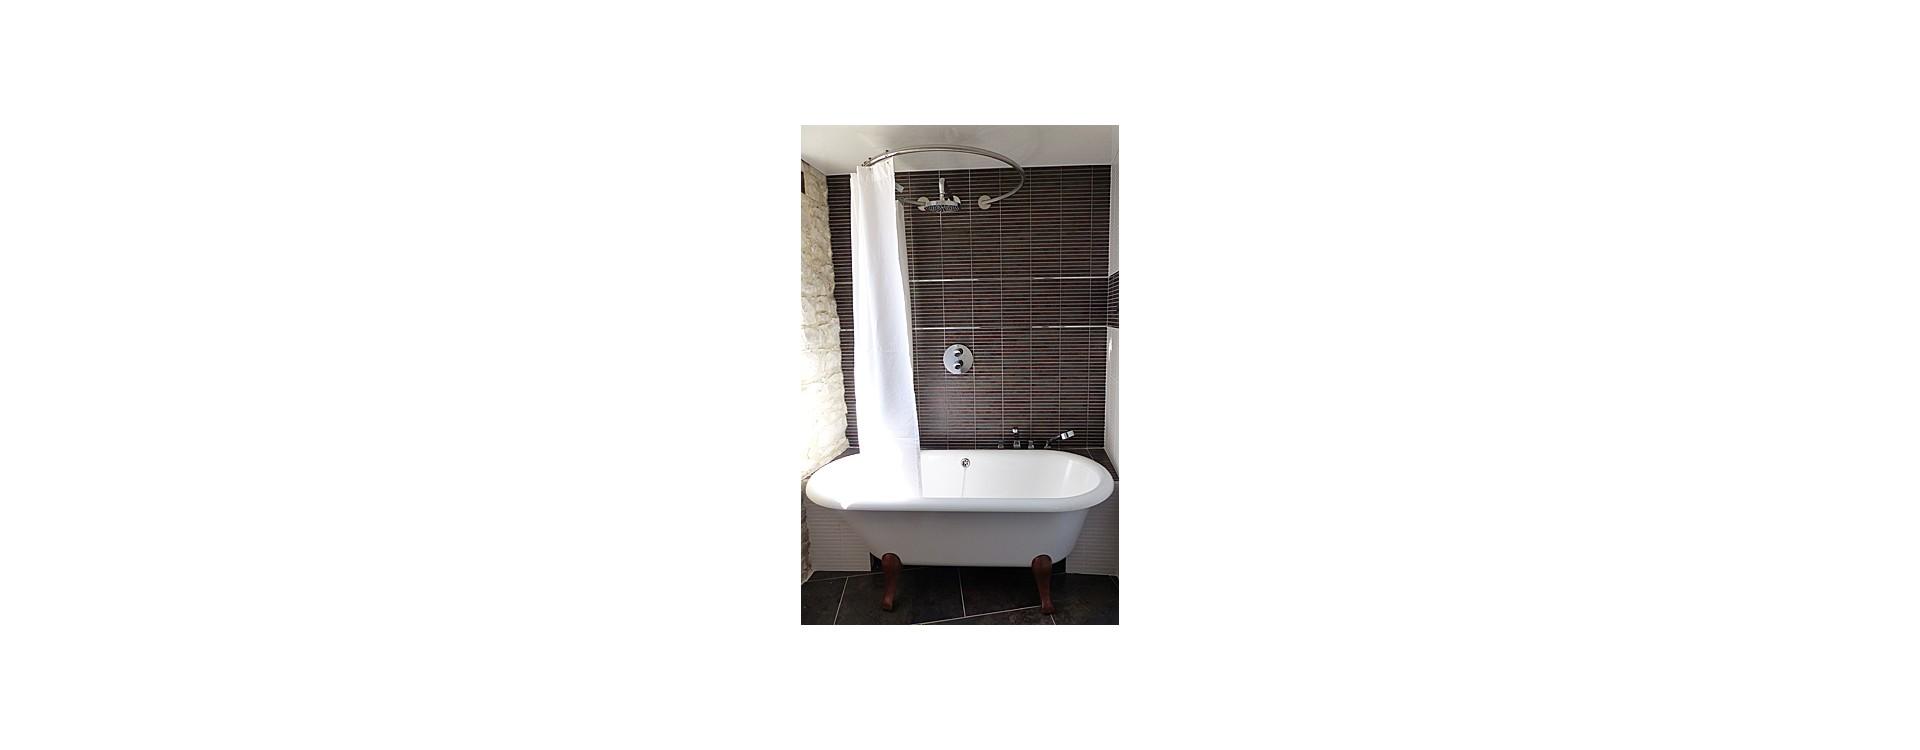 Barre rideau de douche circulaire GalboBain et baignoire Hommage Villeroy & Boch